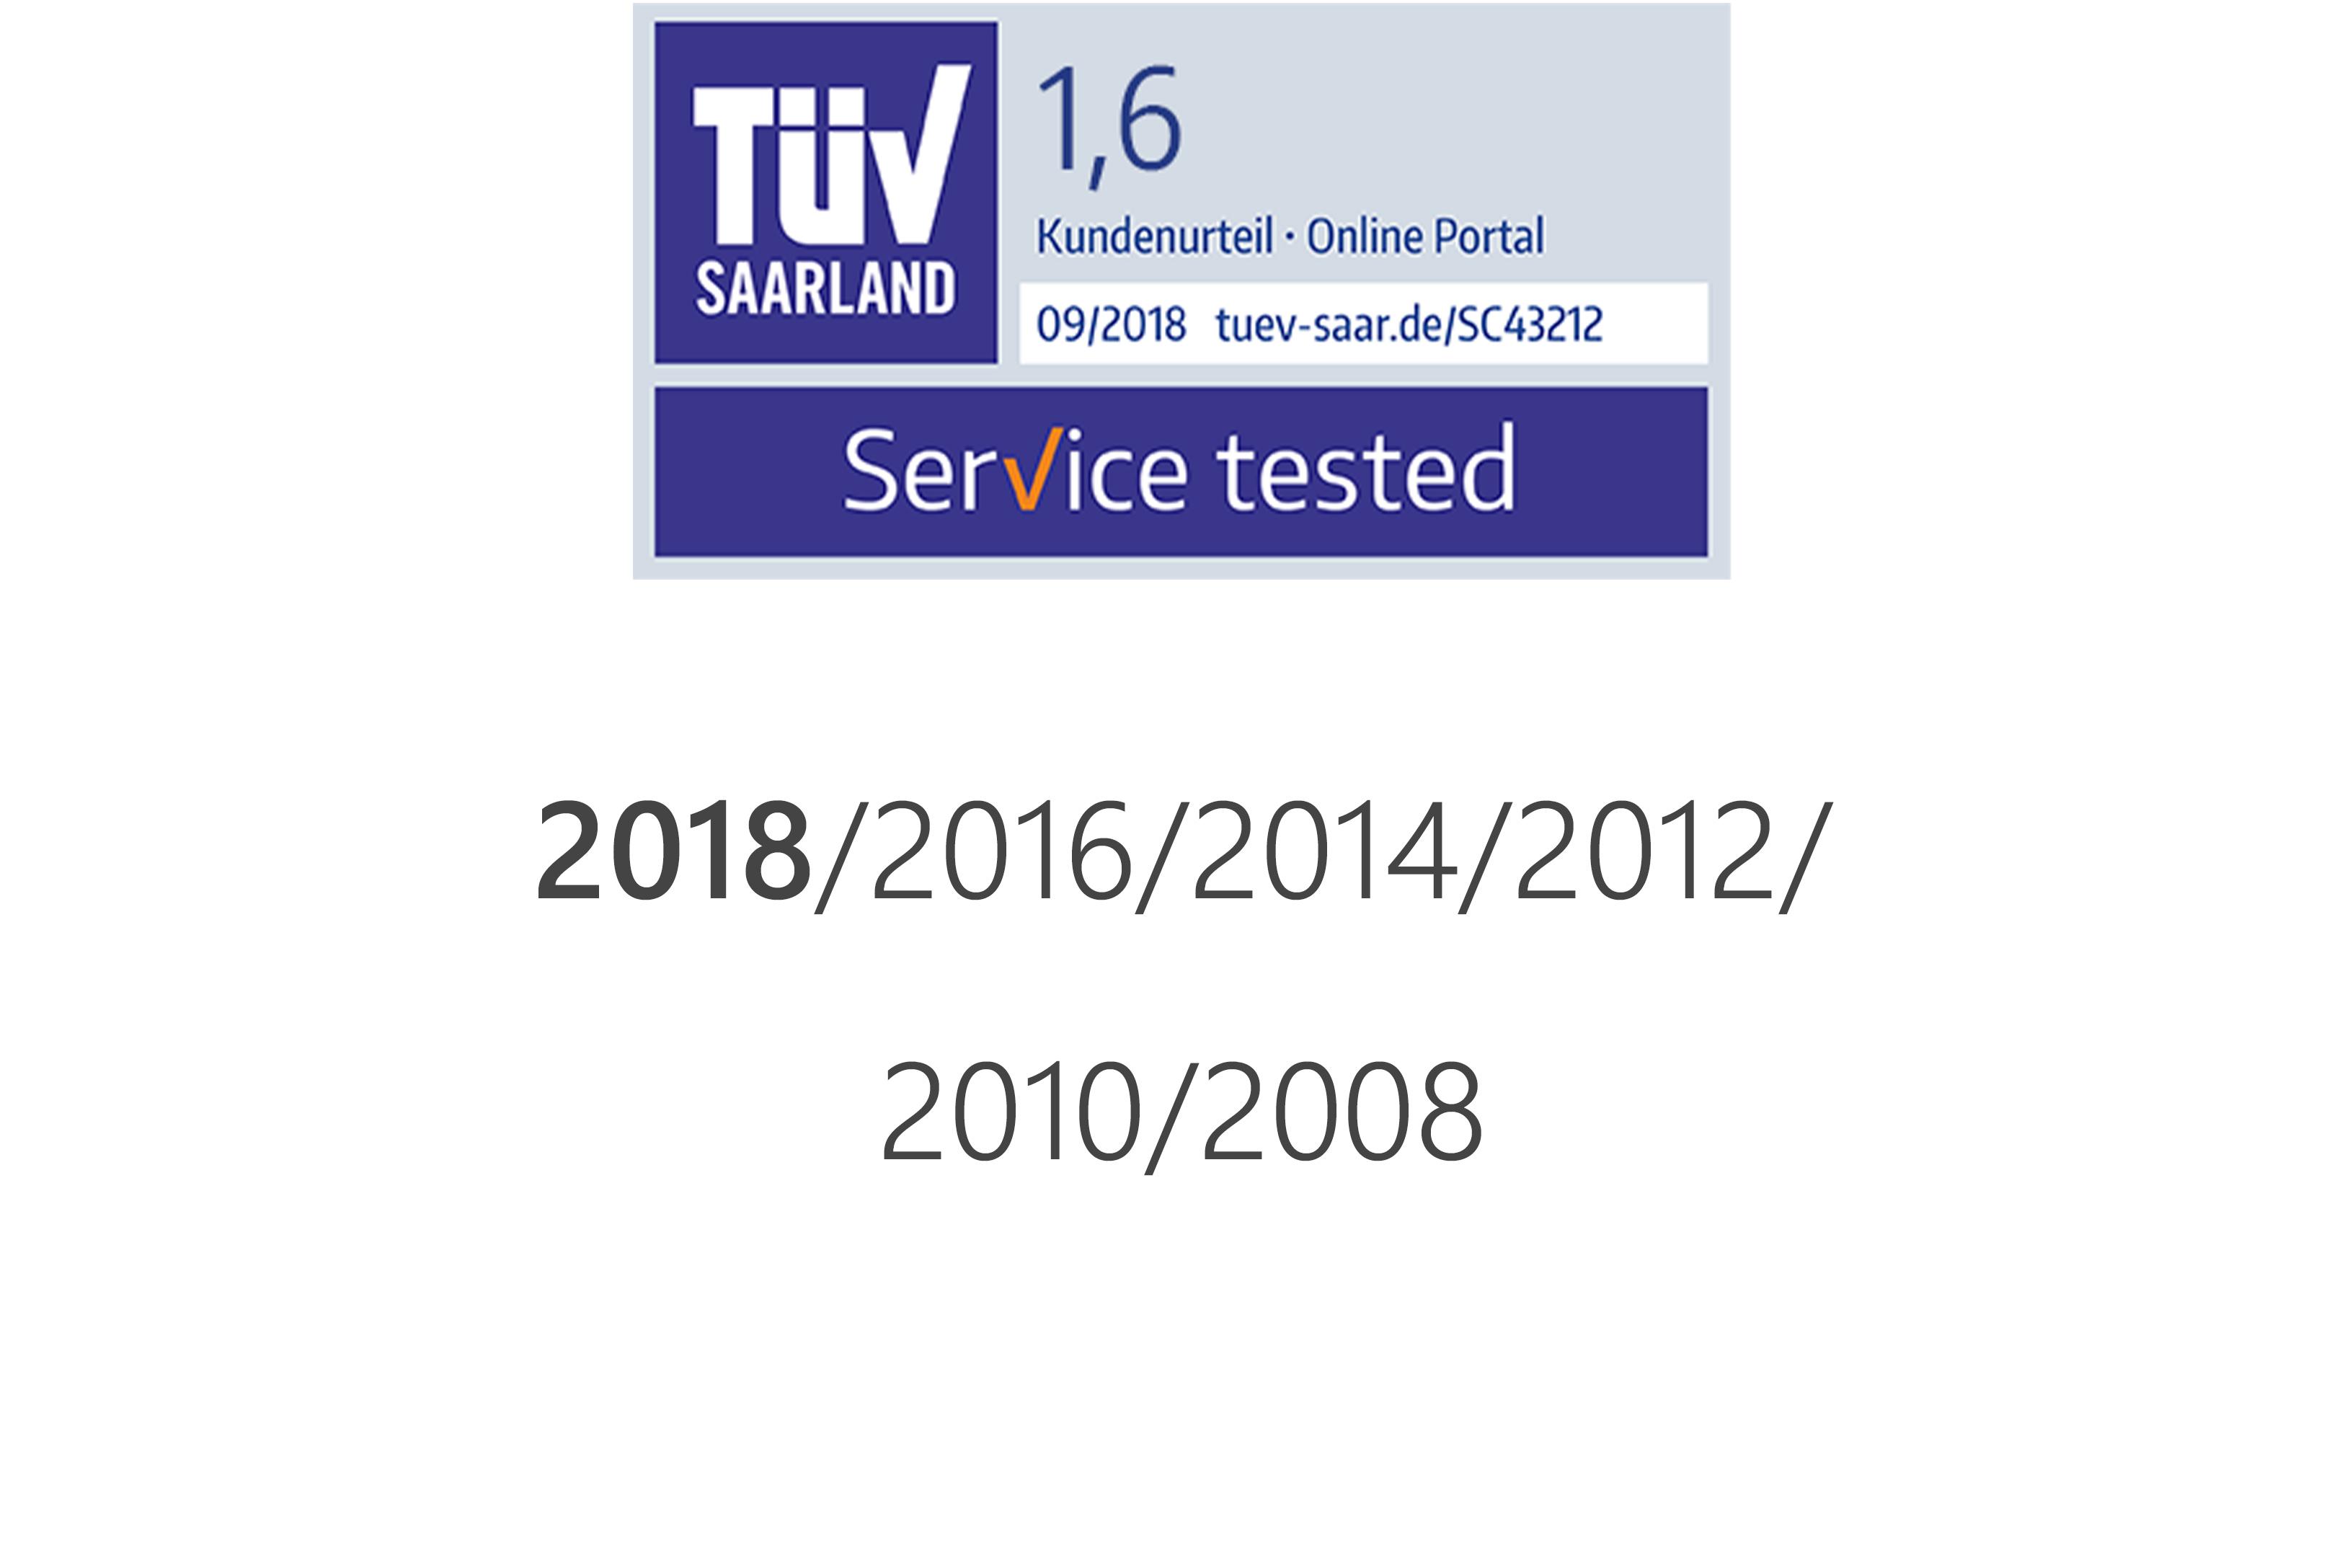 TUV_2018-2016-2014-2012-2010-2008